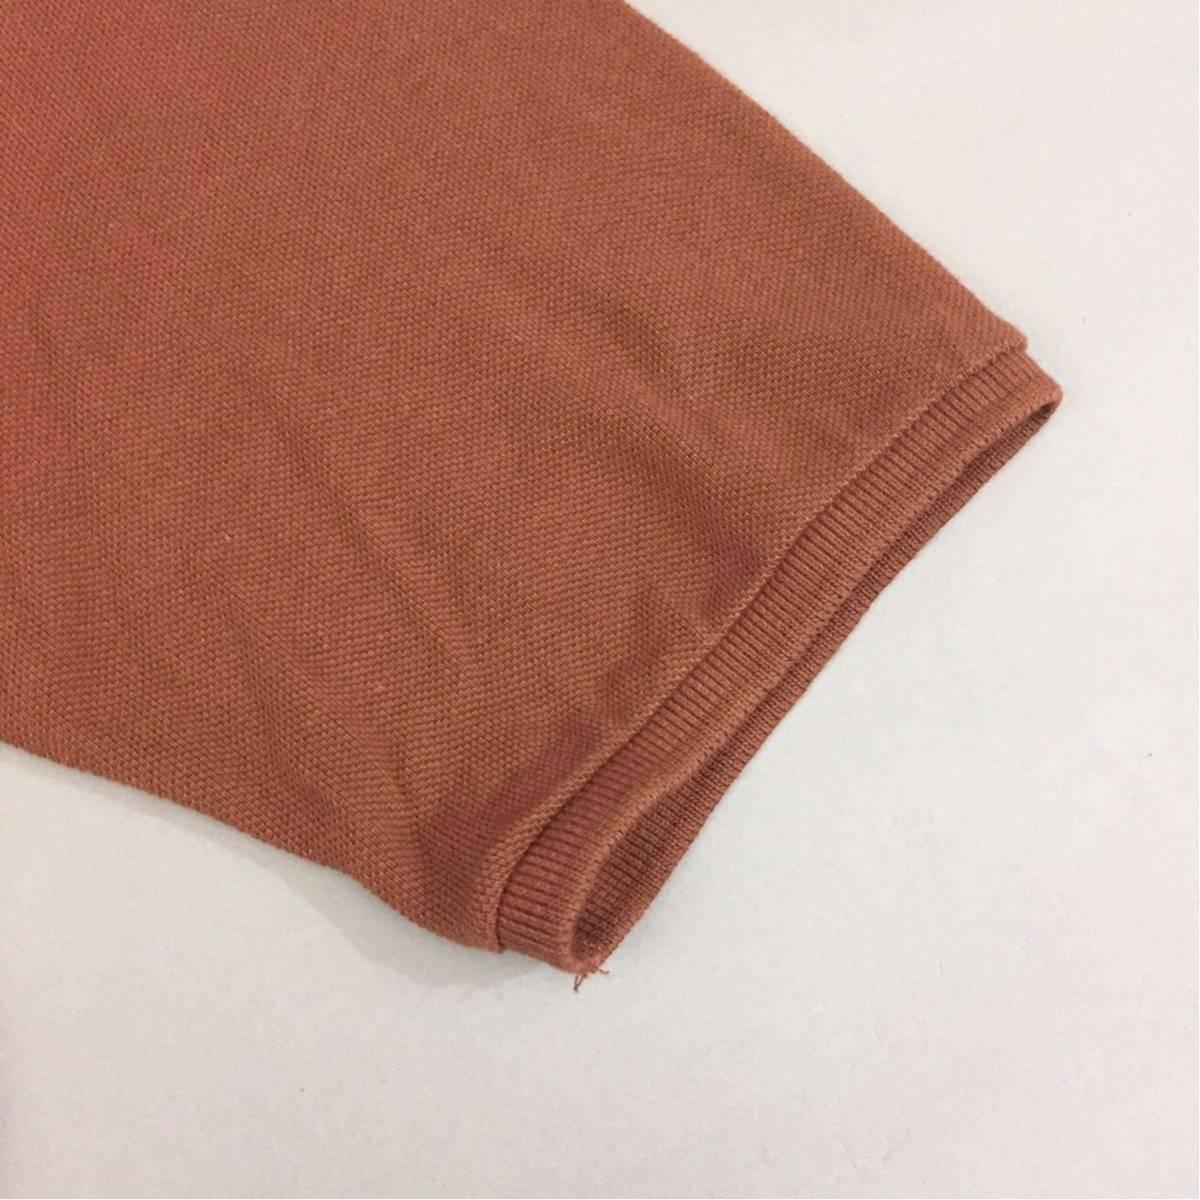 【コラボ】フレッドペリー FRED PERRY ラフシモンズ RAF SIMONS ポロシャツ 半袖 鹿の子 メンズ Mサイズ ブラウン ロゴ 刺繍 ~▽_画像6